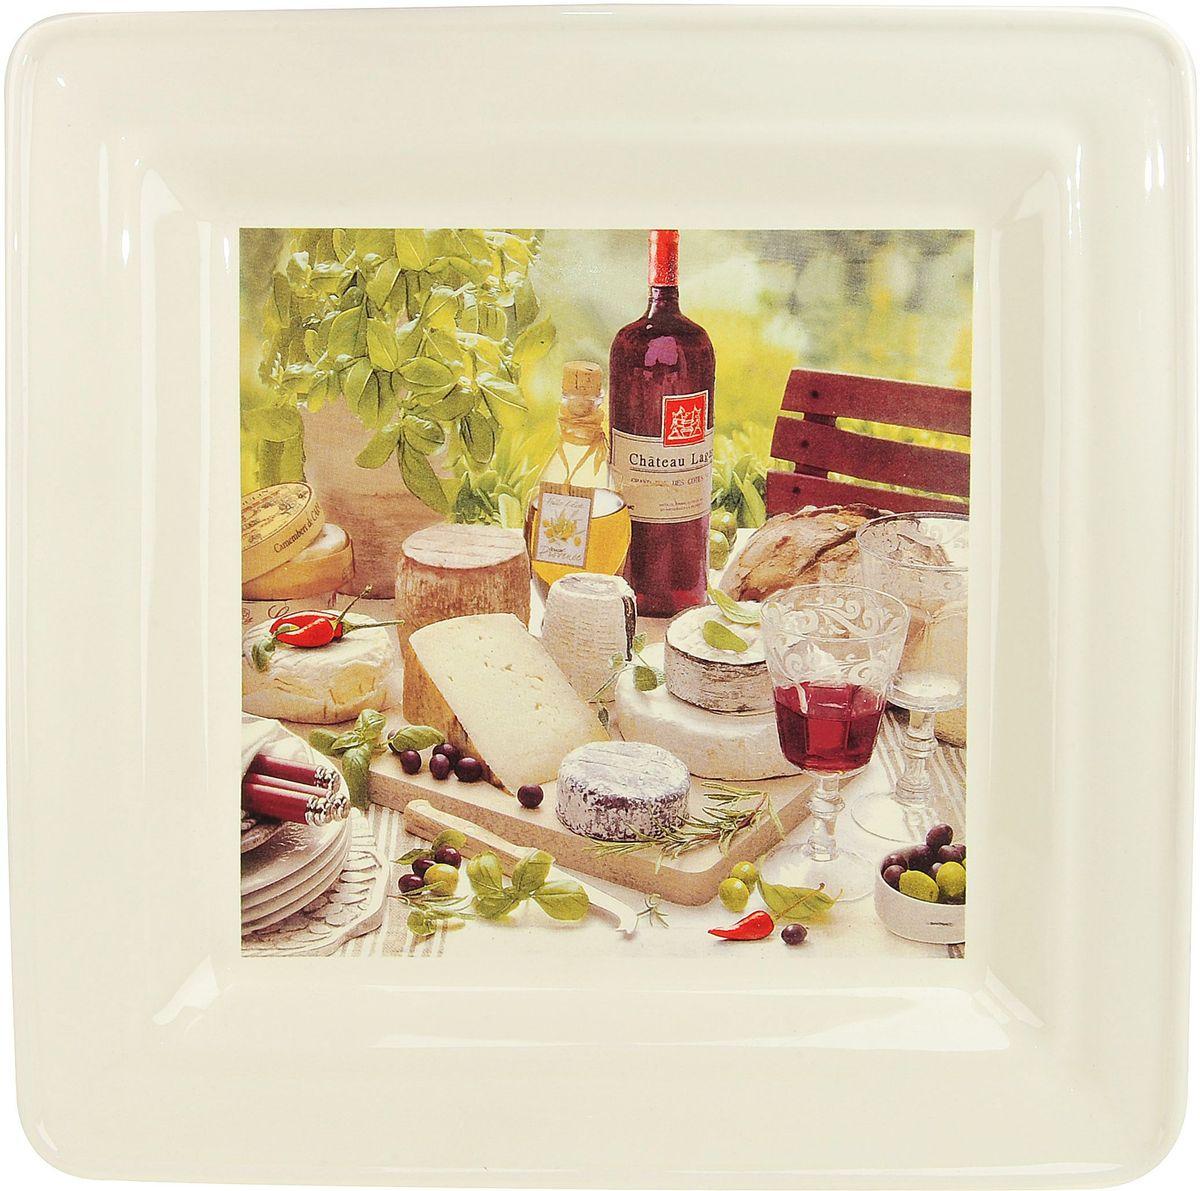 Тарелка ENS Group Тоскана, квадратная, 29 х 29 смFS-91909Тарелка Тоскана, изготовленная из высококачественного доломита, предназначена для красивой подачи различных блюд. Изделие декорировано красочным рисунком и имеет изысканный внешний вид. Такая тарелка украсит сервировку стола и подчеркнет прекрасный вкус хозяйки.